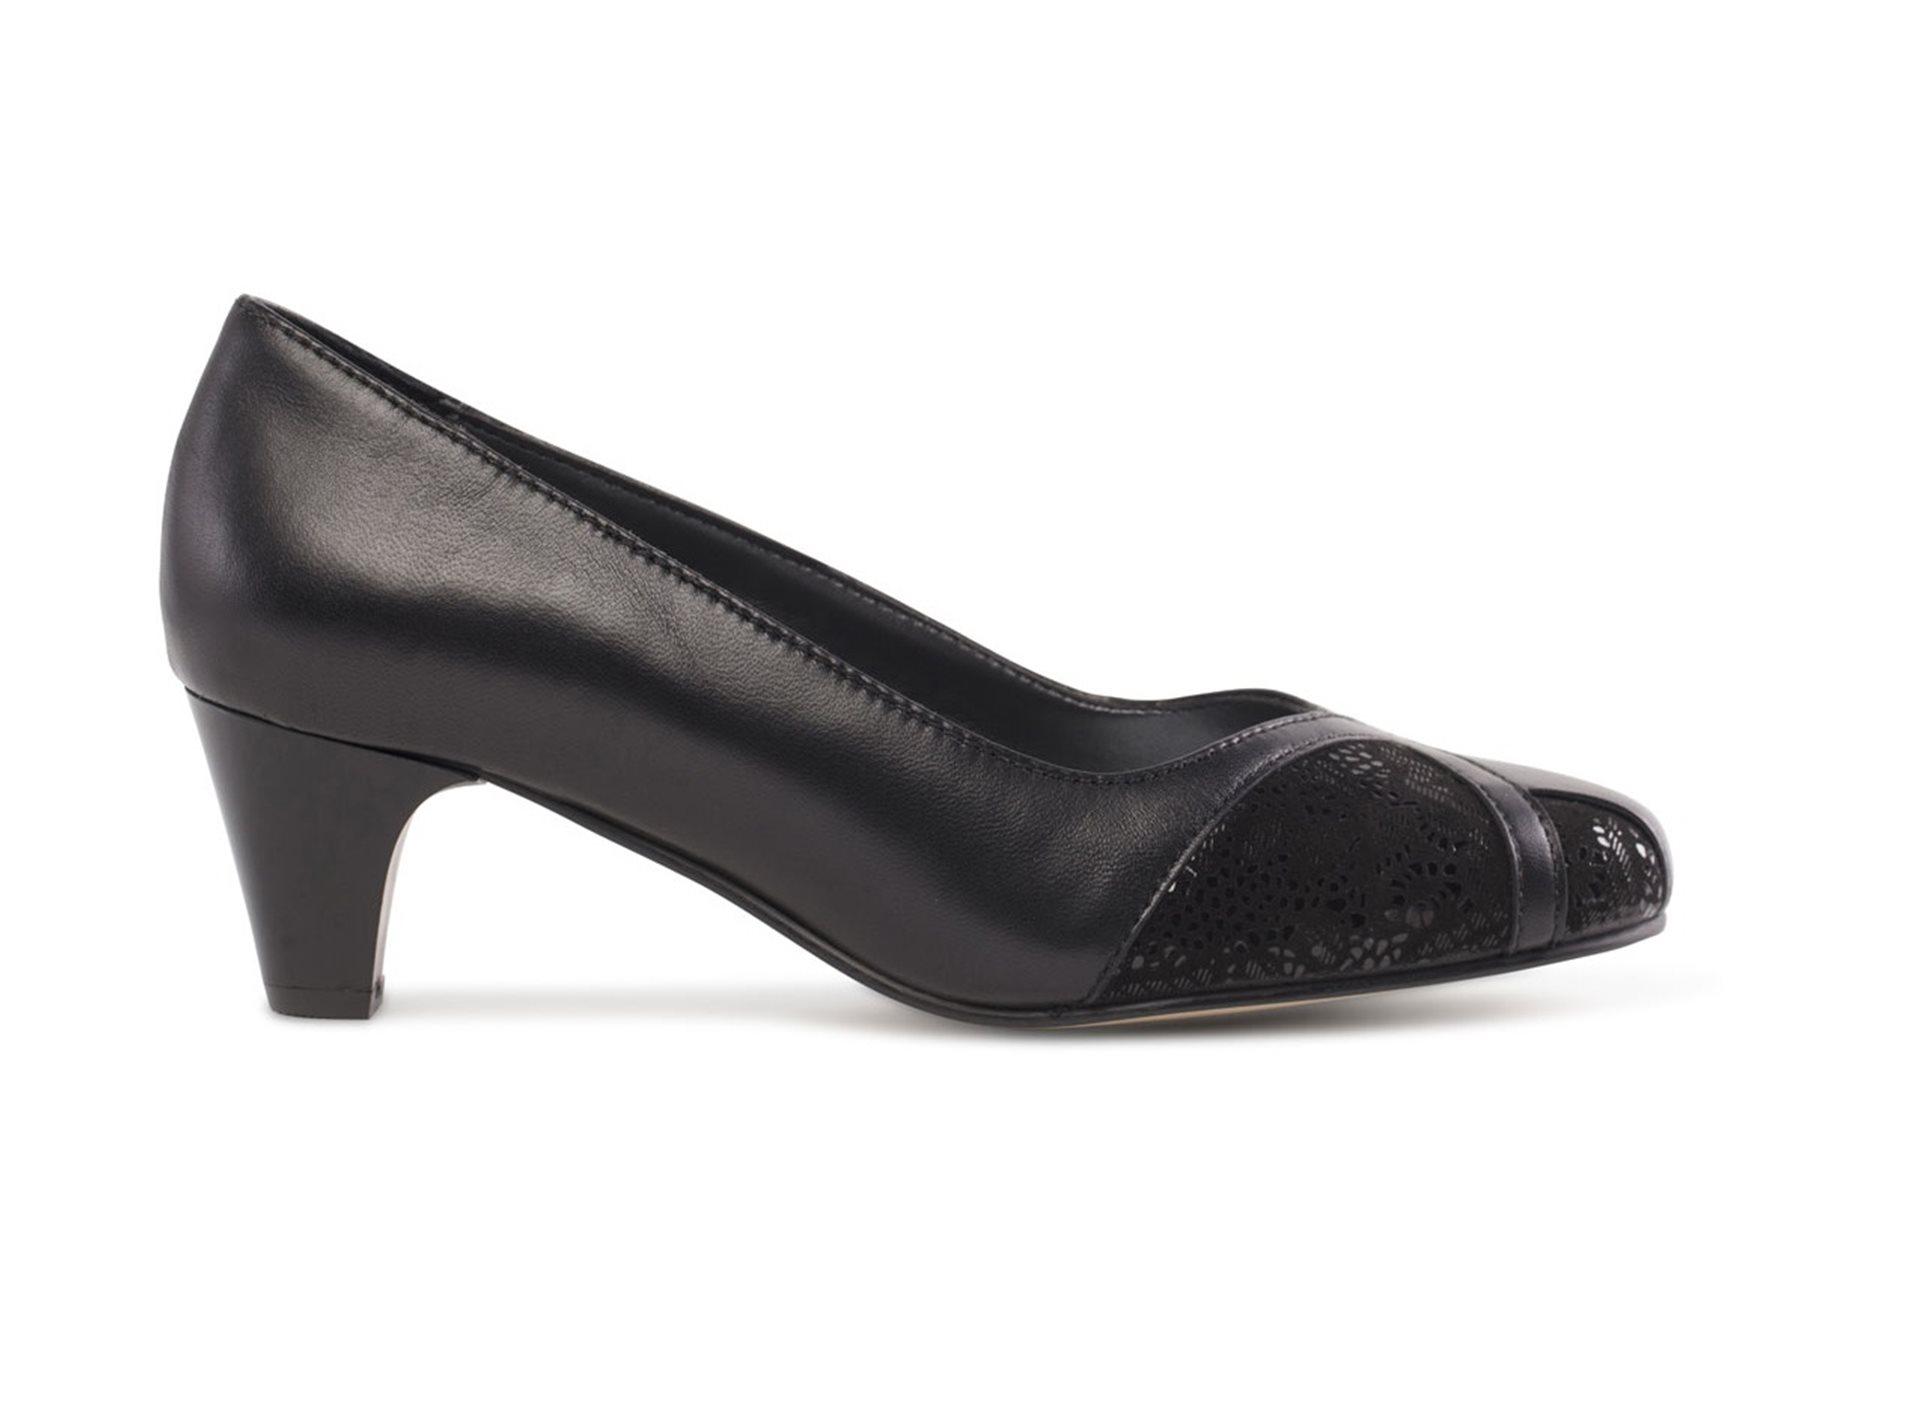 af37f7da864 Joanna Women's Comfort Shoes | Women's Footwear | Padders